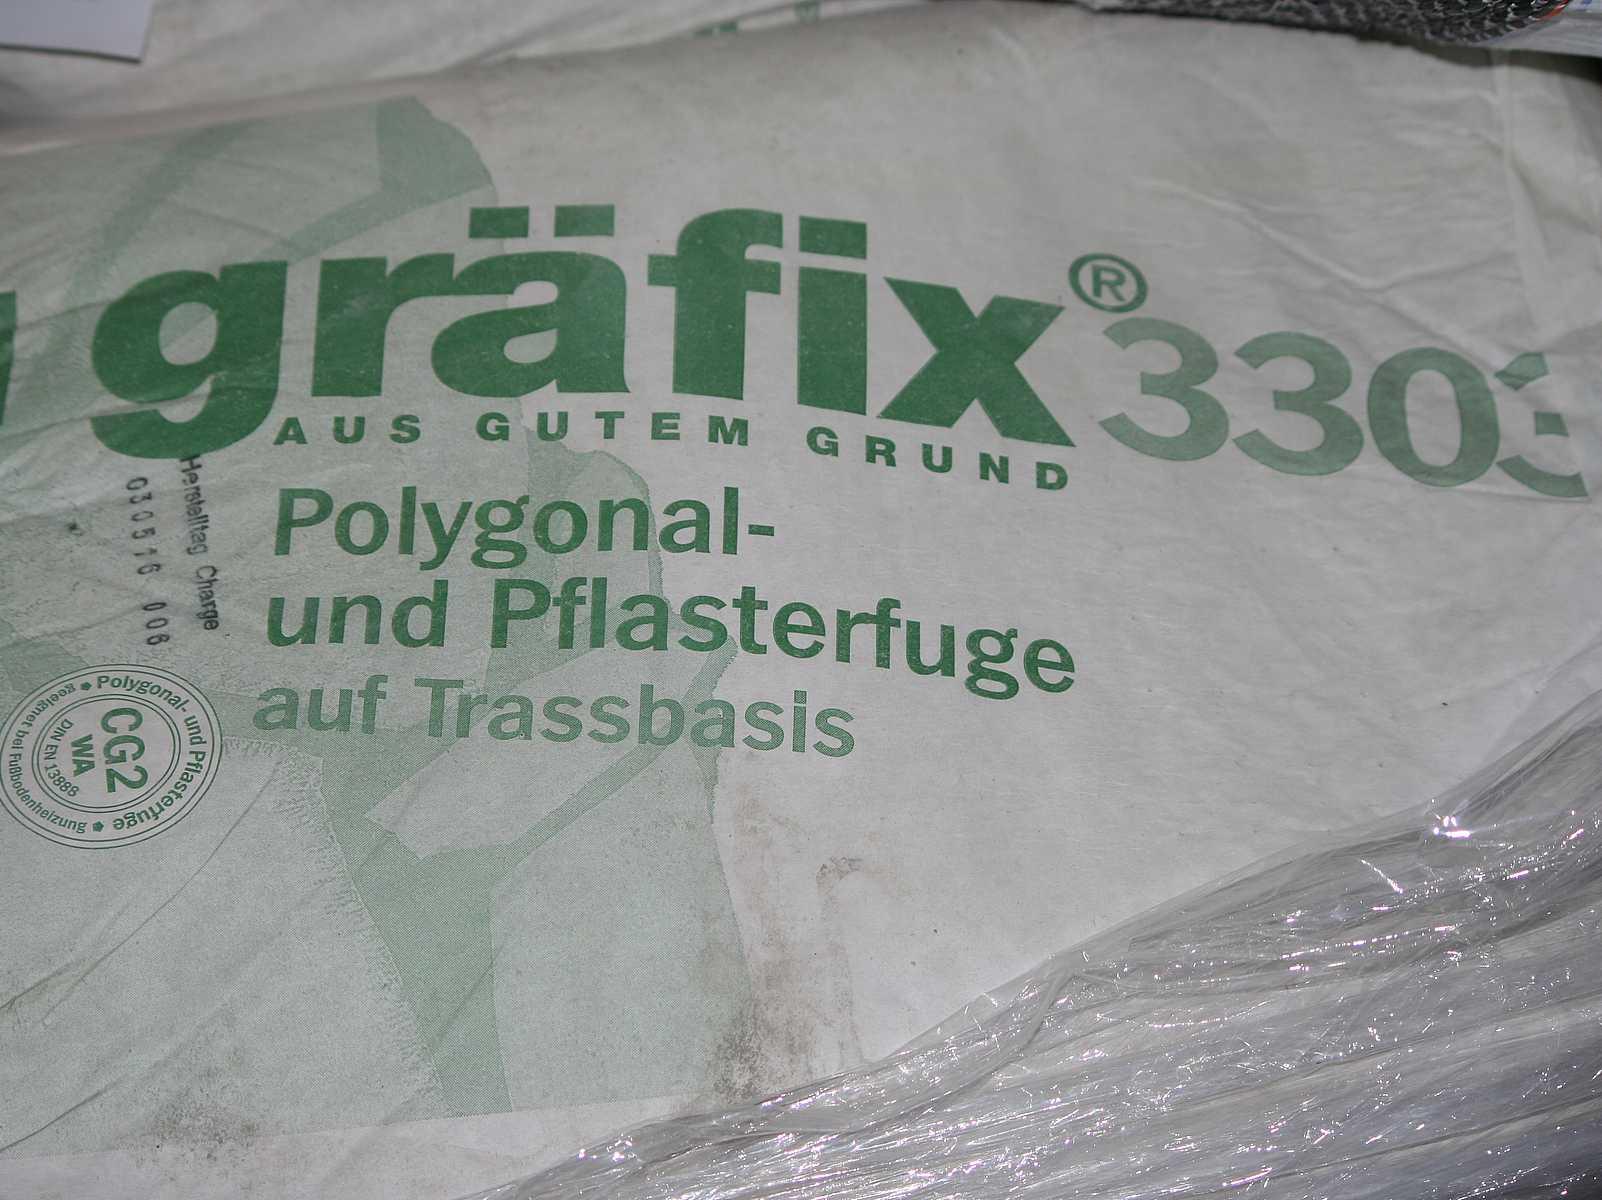 Gräfix 3303 Fugenmörtel